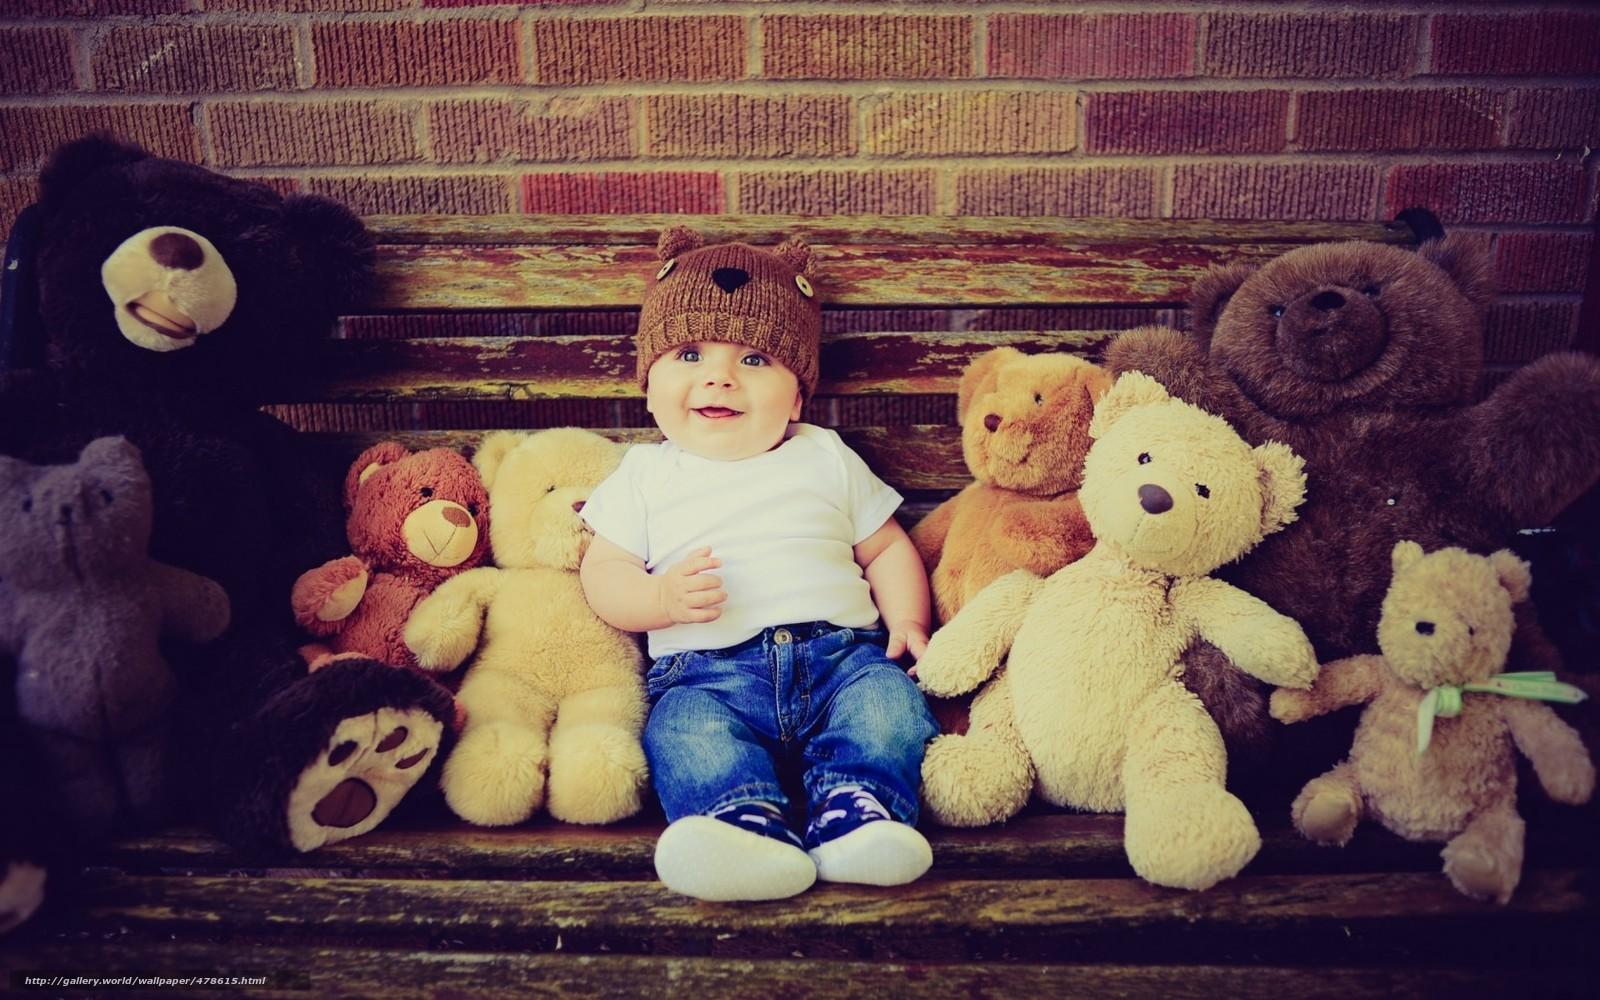 Скачать обои ребенок,  мальчик,  медведи,  игрушки бесплатно для рабочего стола в разрешении 1680x1050 — картинка №478615